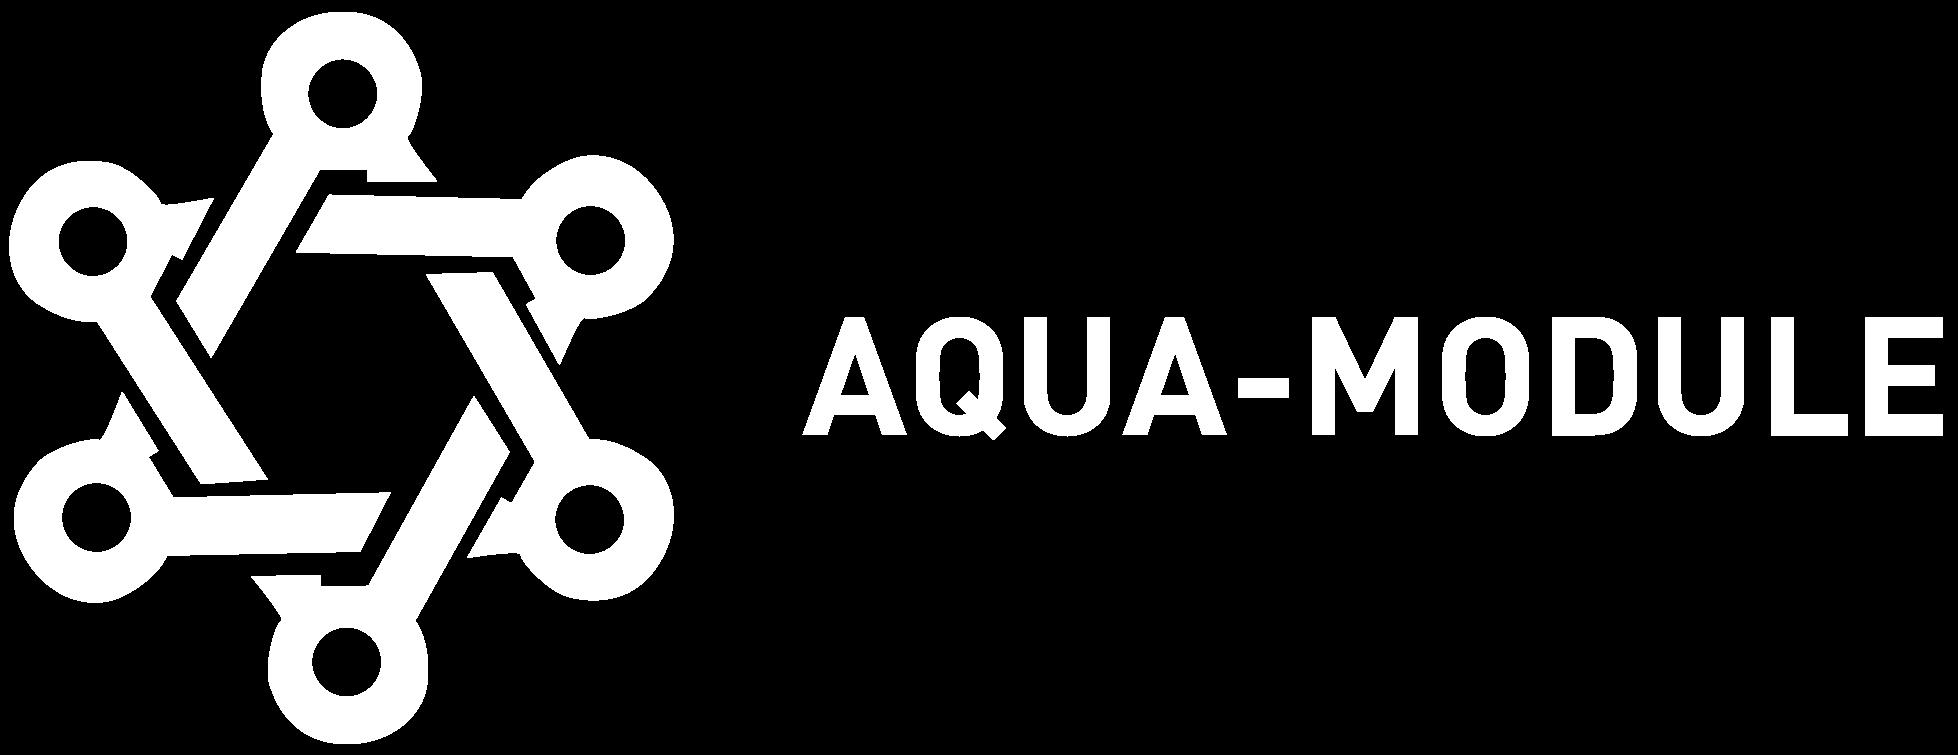 logo-2 - white